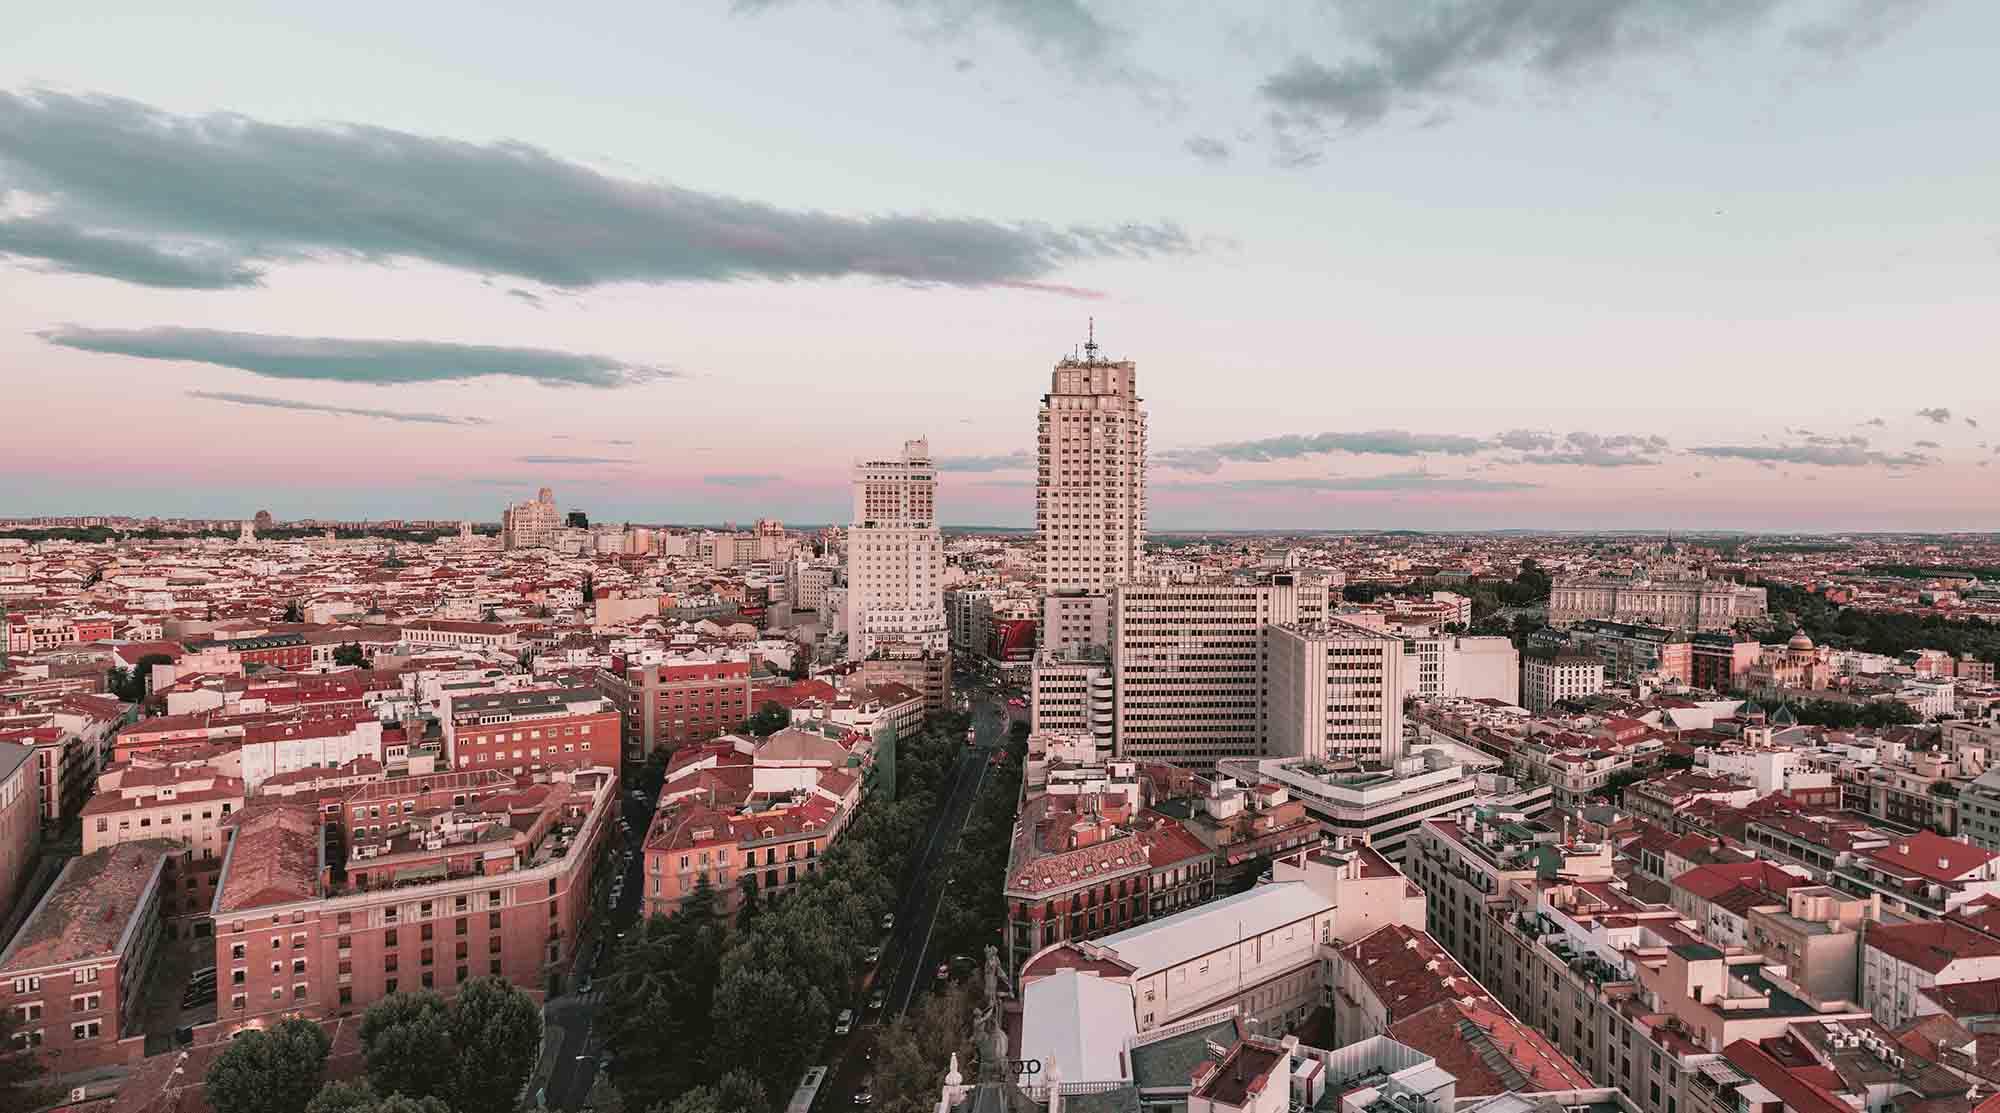 Hoja de ruta para relanzar la economía española tras la pandemia